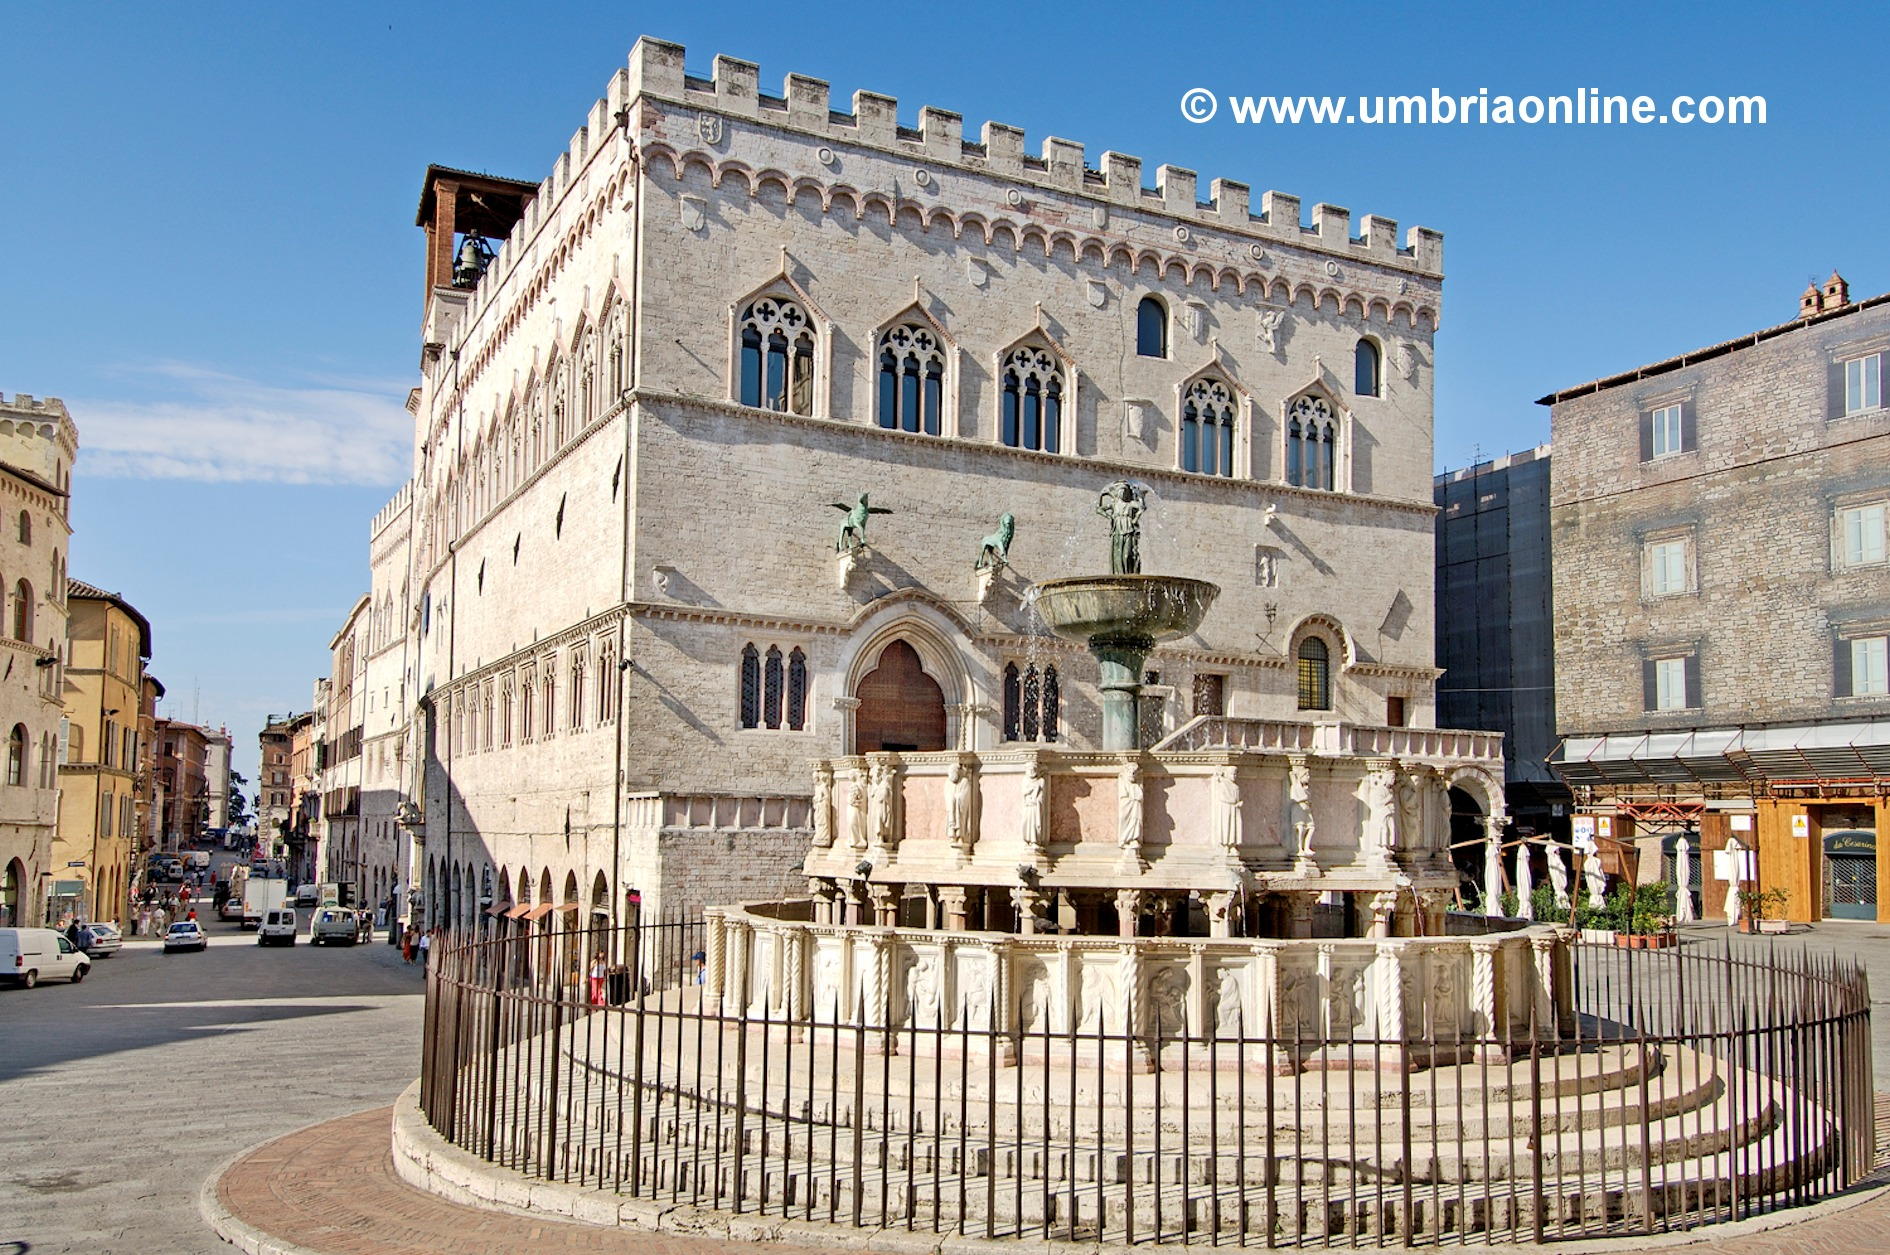 Gubbio area umbria online alloggi for Arredare milano piazza iv novembre